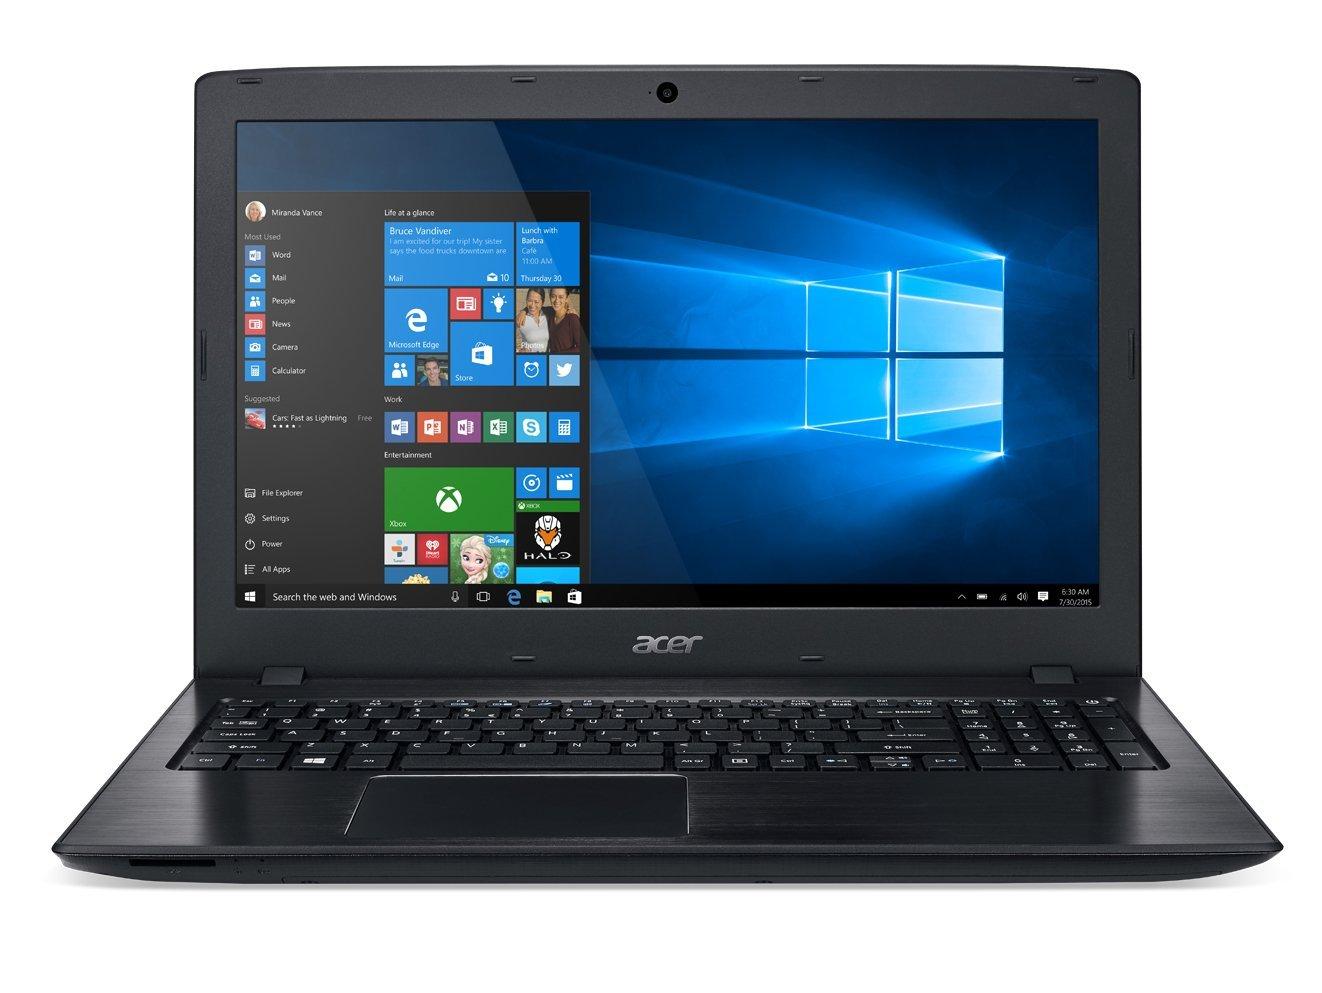 The Acer Aspire E5-575G-53VG